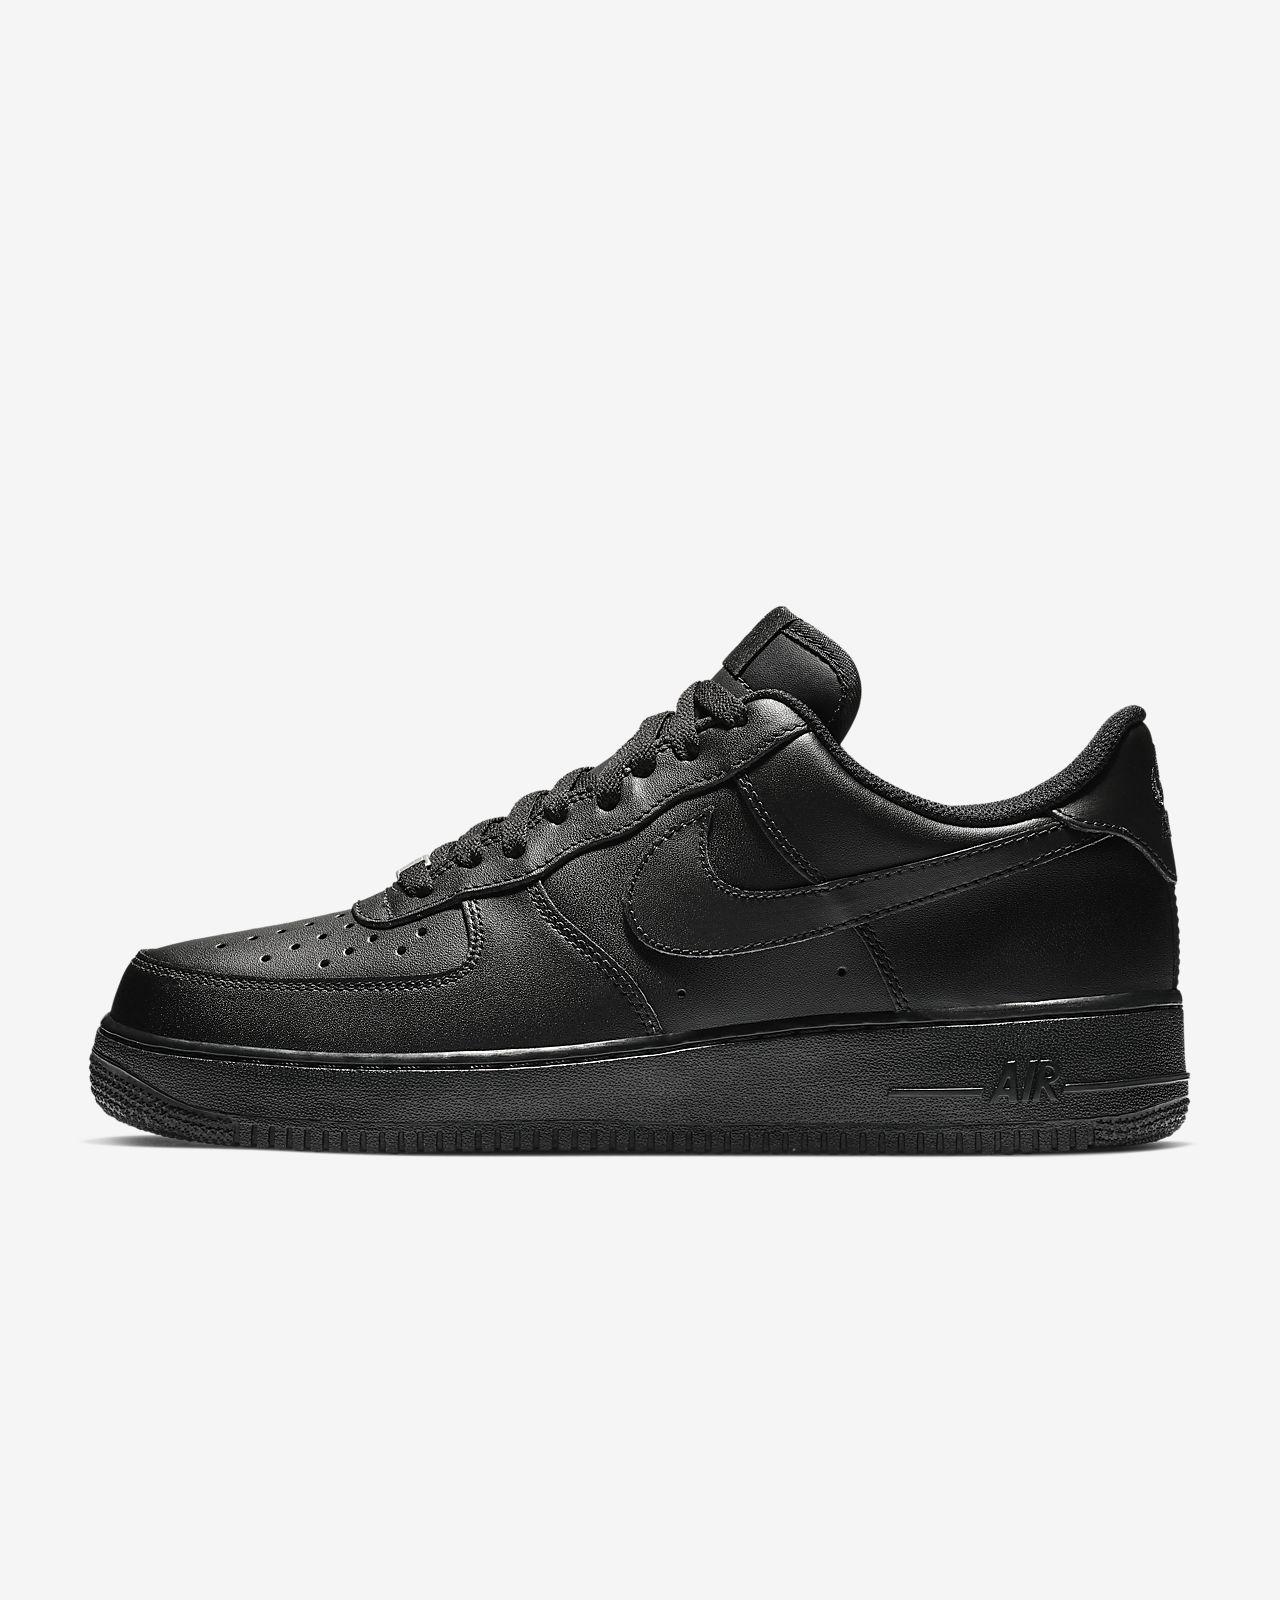 cheap sale sold worldwide sold worldwide Nike Air Force 1 '07 Triple Black Men's Shoe